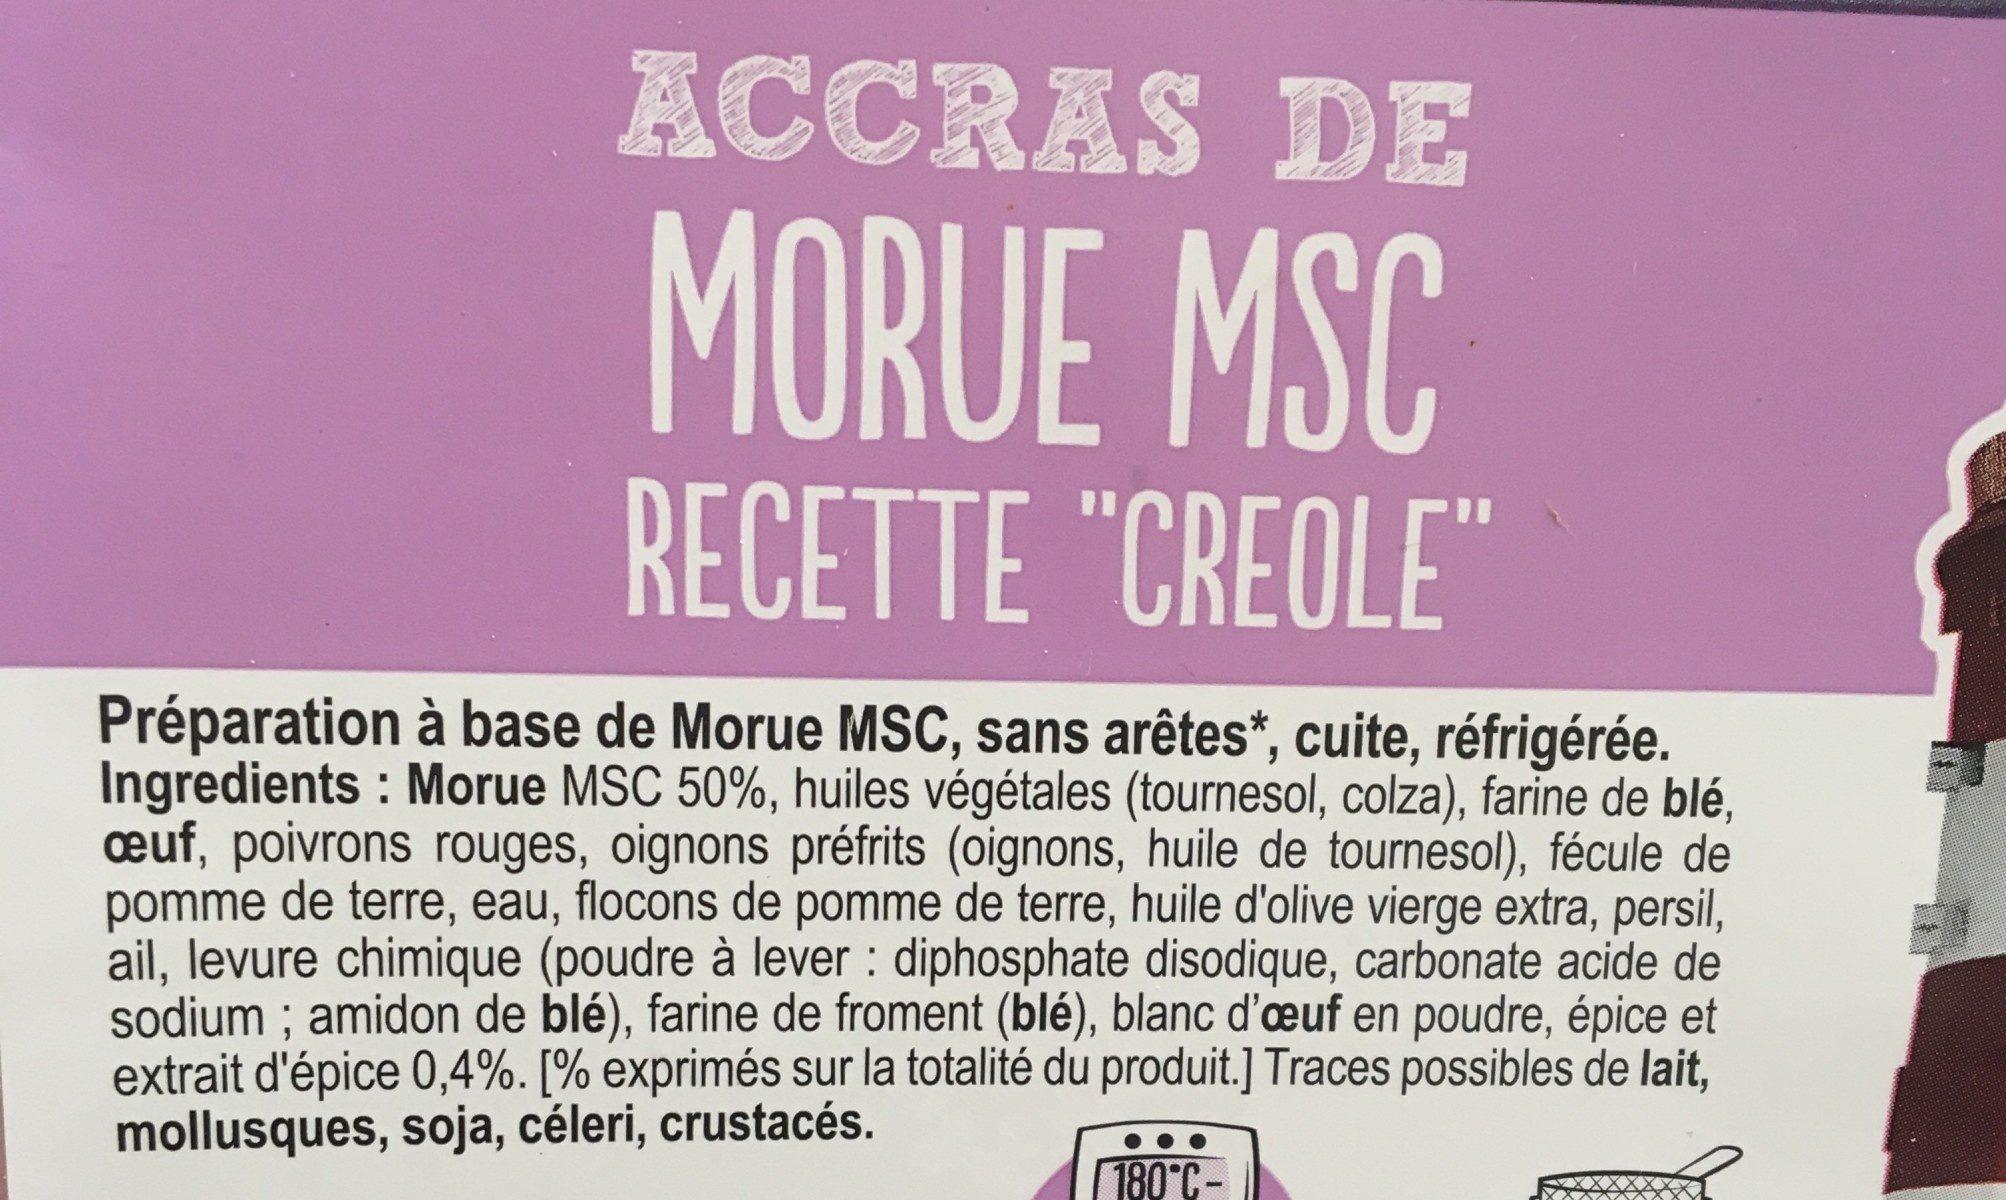 Accras de Morue MSC recette créole - Ingredients